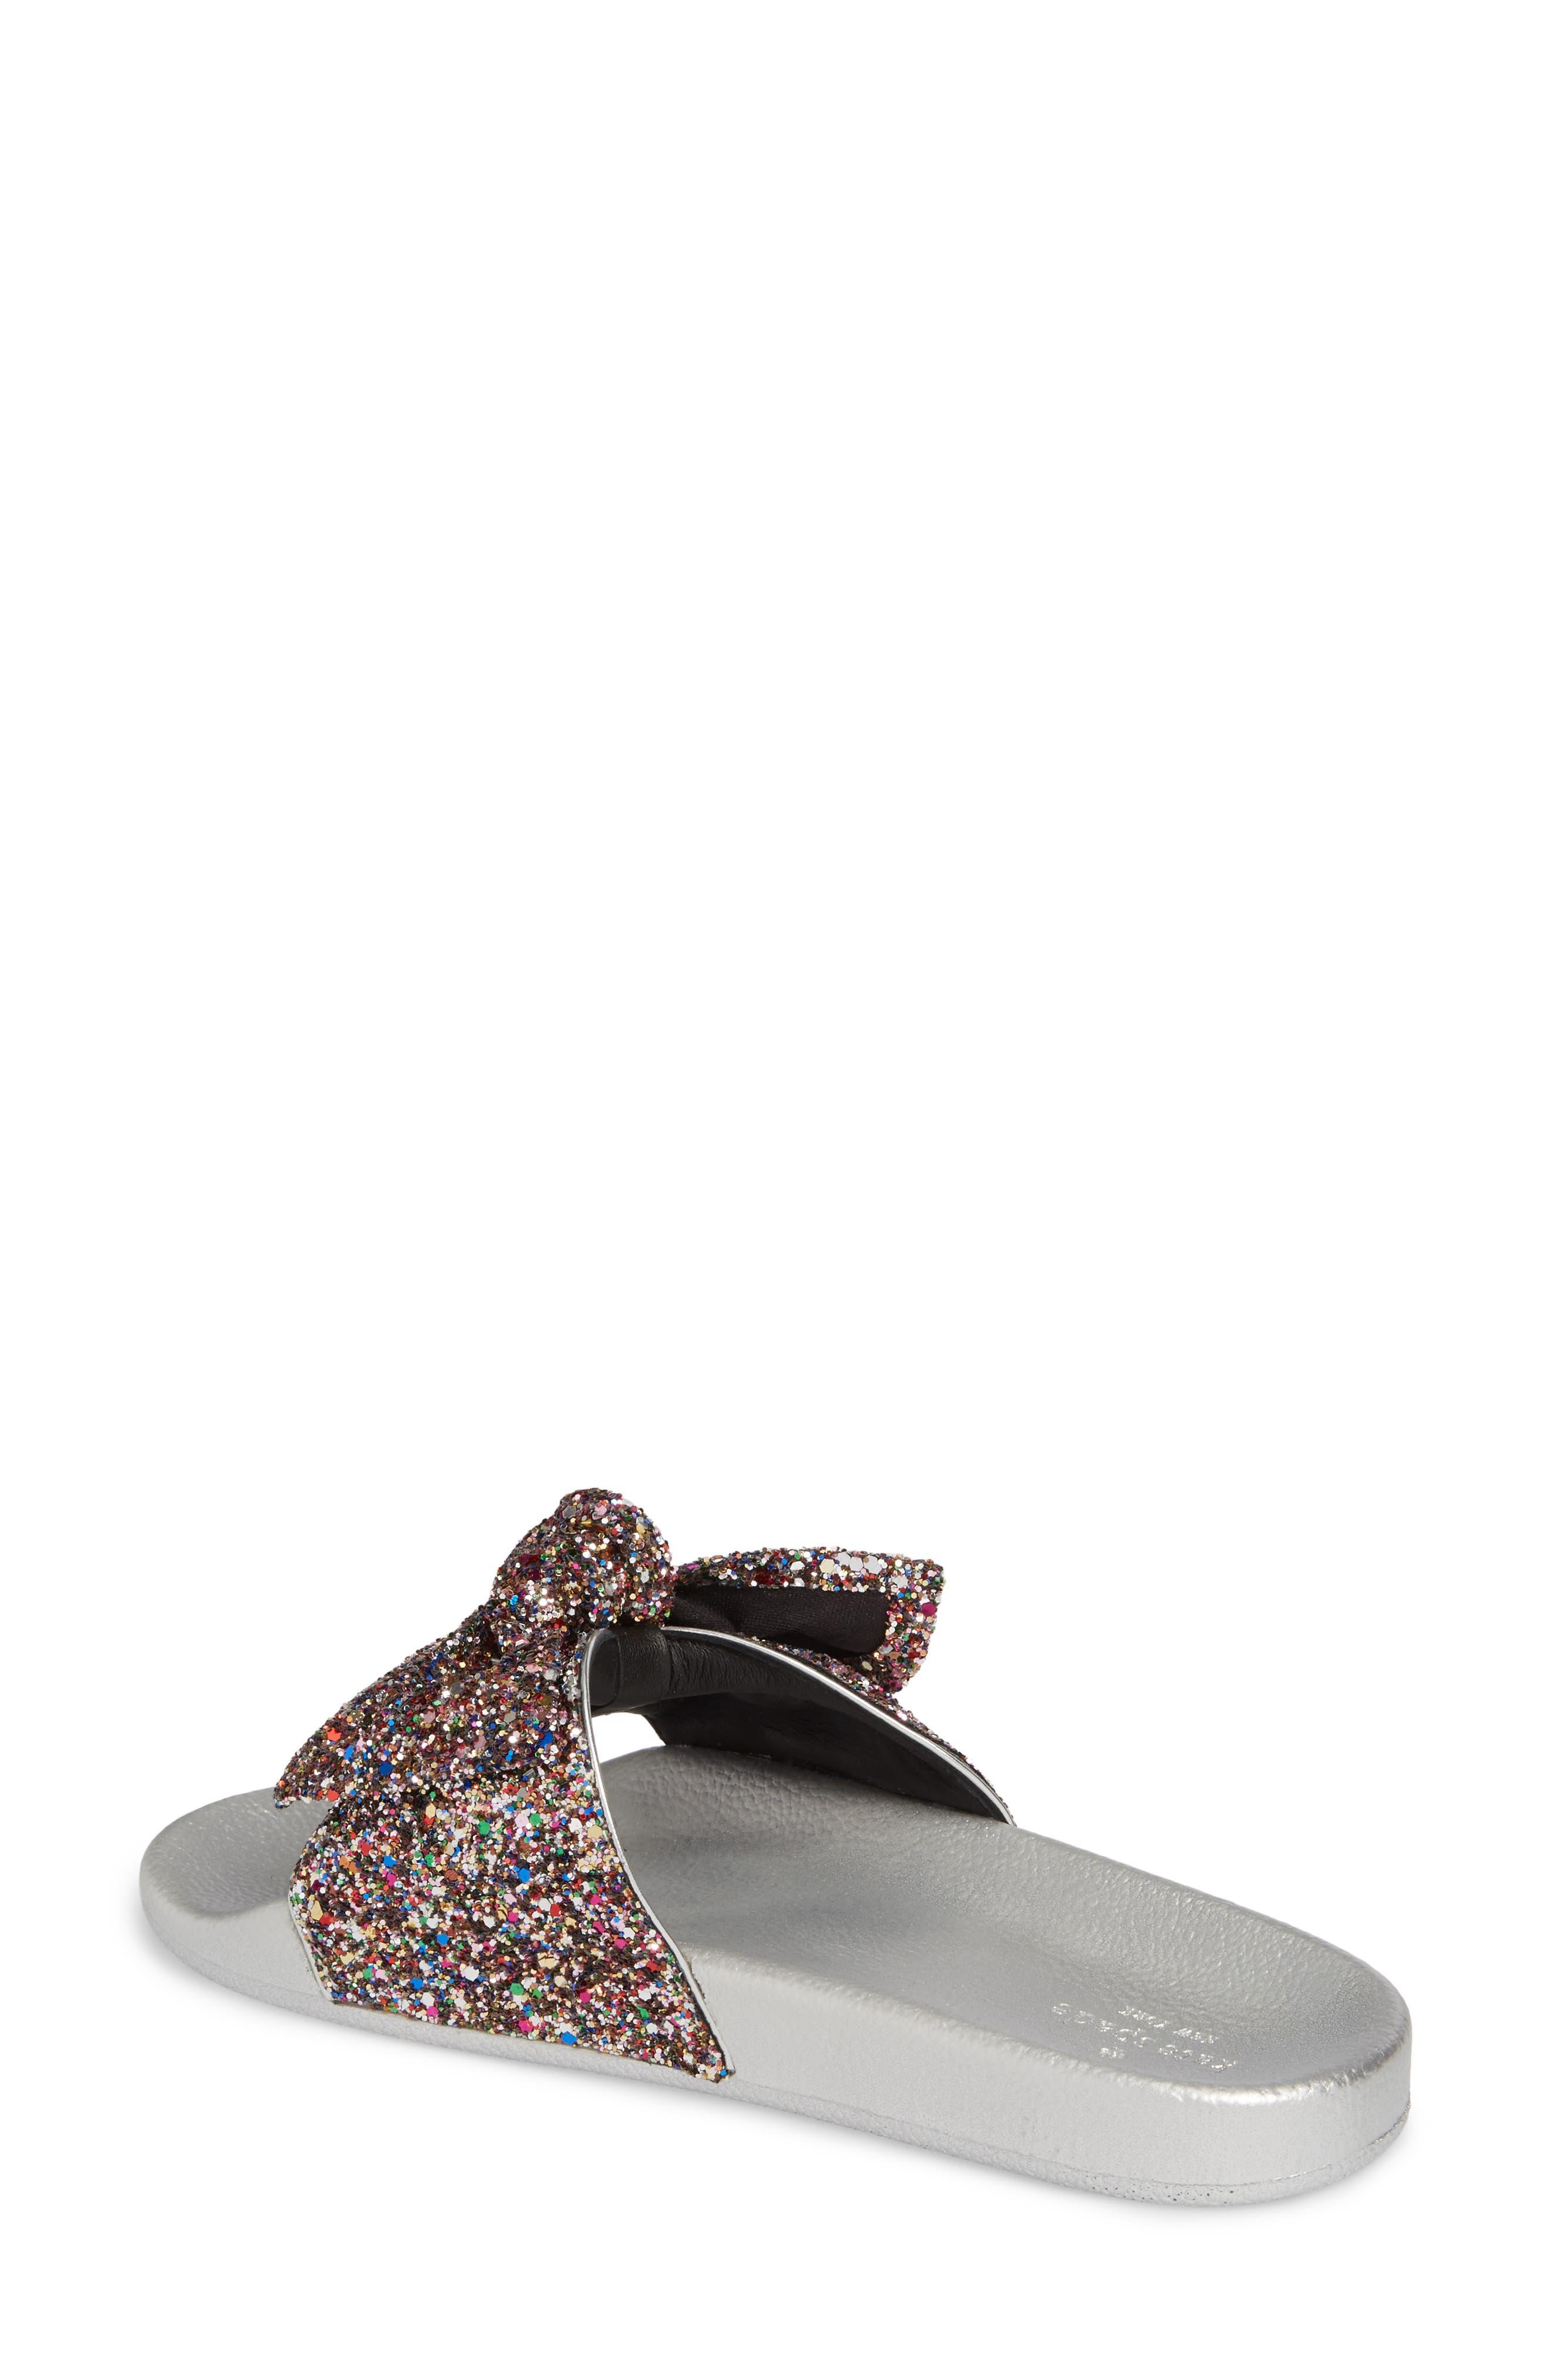 shellie slide sandal,                             Alternate thumbnail 2, color,                             Multi Glitter